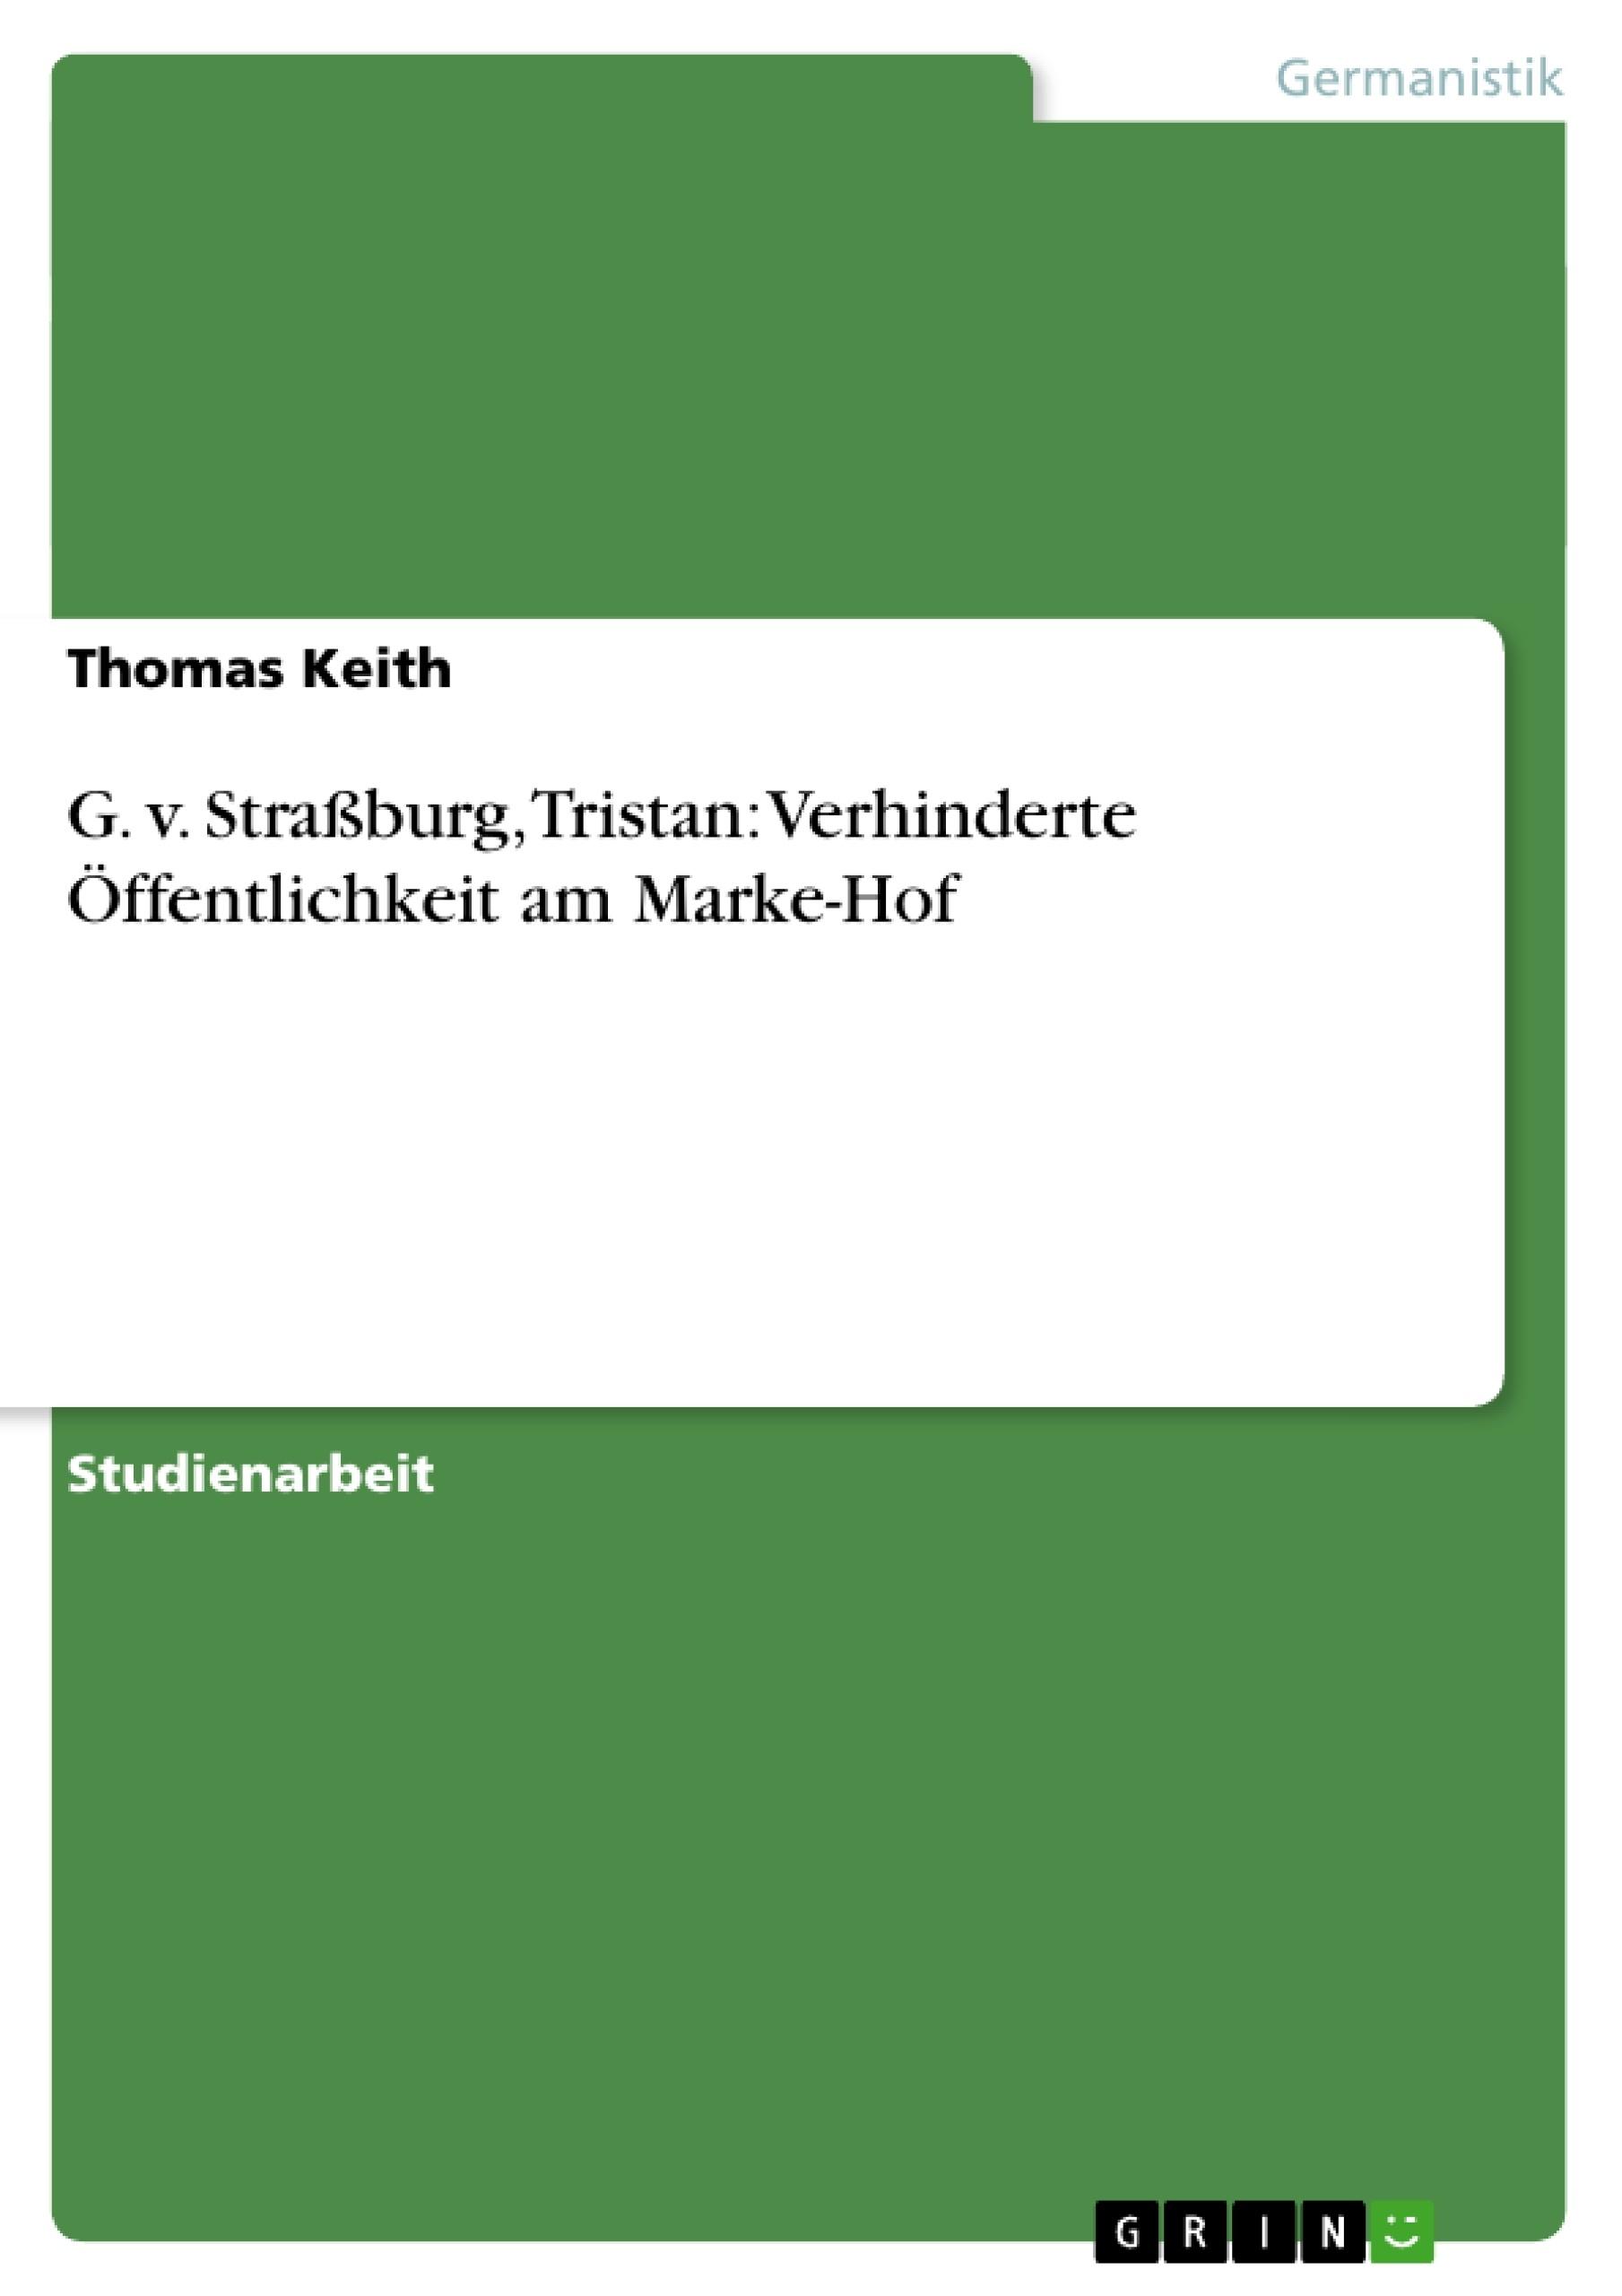 Titel: G. v. Straßburg, Tristan: Verhinderte Öffentlichkeit am Marke-Hof